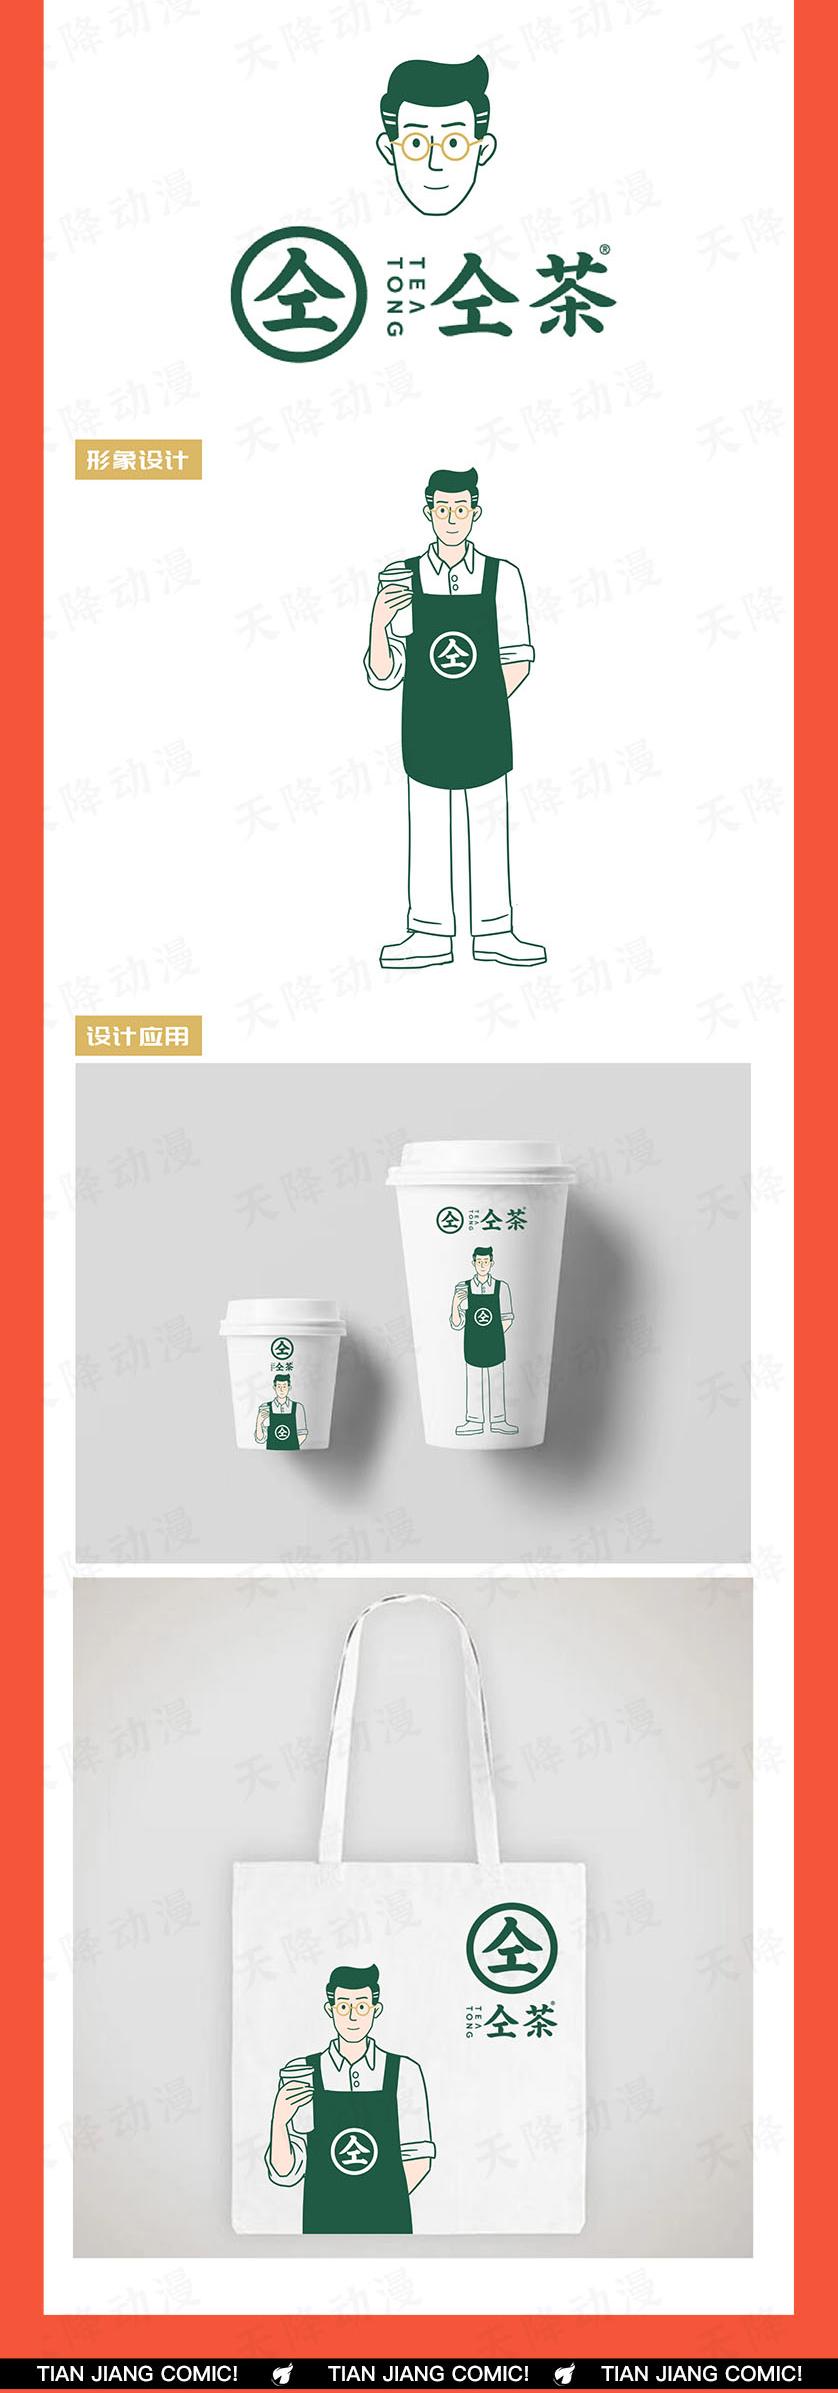 _卡通形象 卡通logo设计 企业吉祥物 微信动态表情漫画设计10